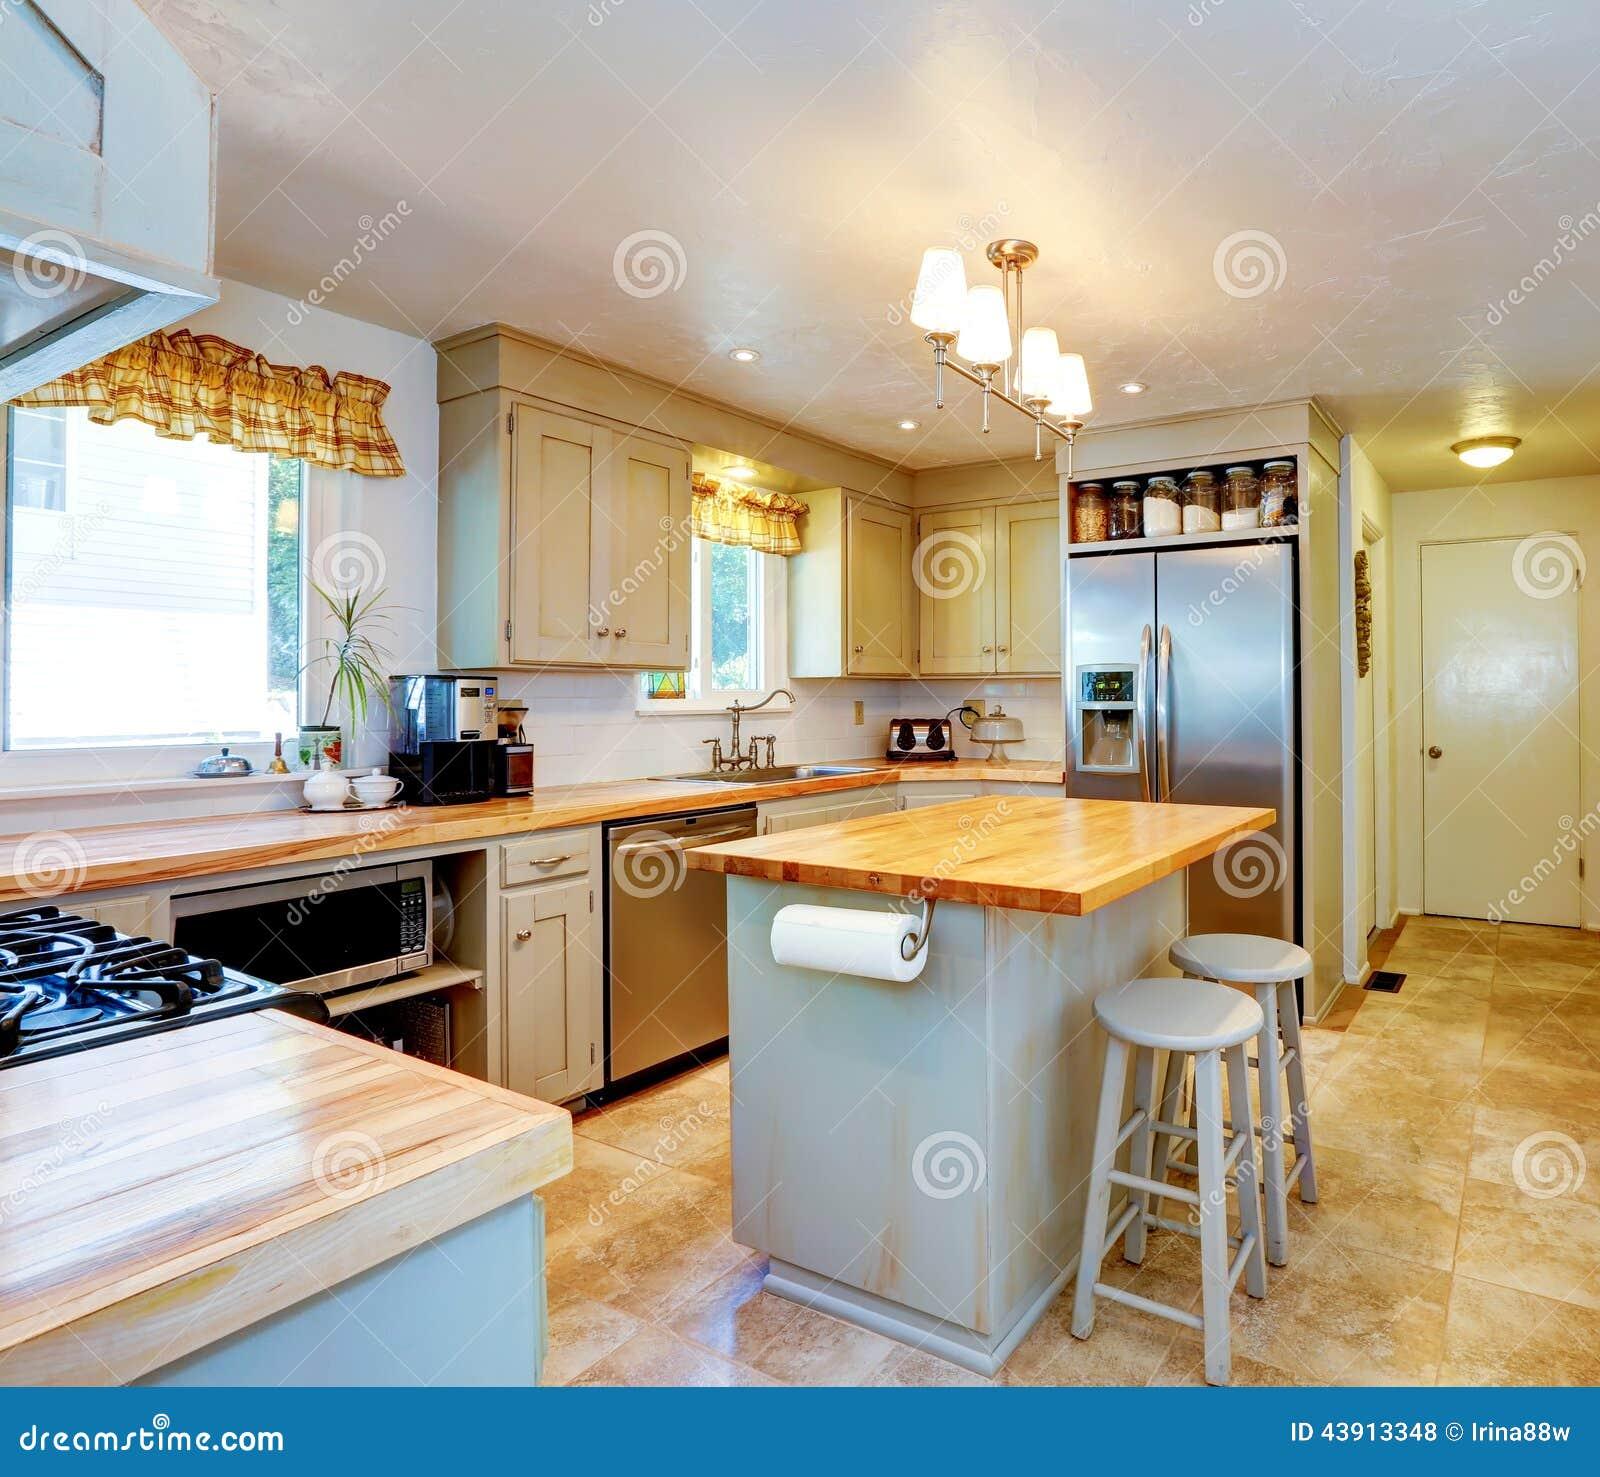 amerikanischer hausinnenraum k che mit insel und schemeln stockfoto bild 43913348. Black Bedroom Furniture Sets. Home Design Ideas